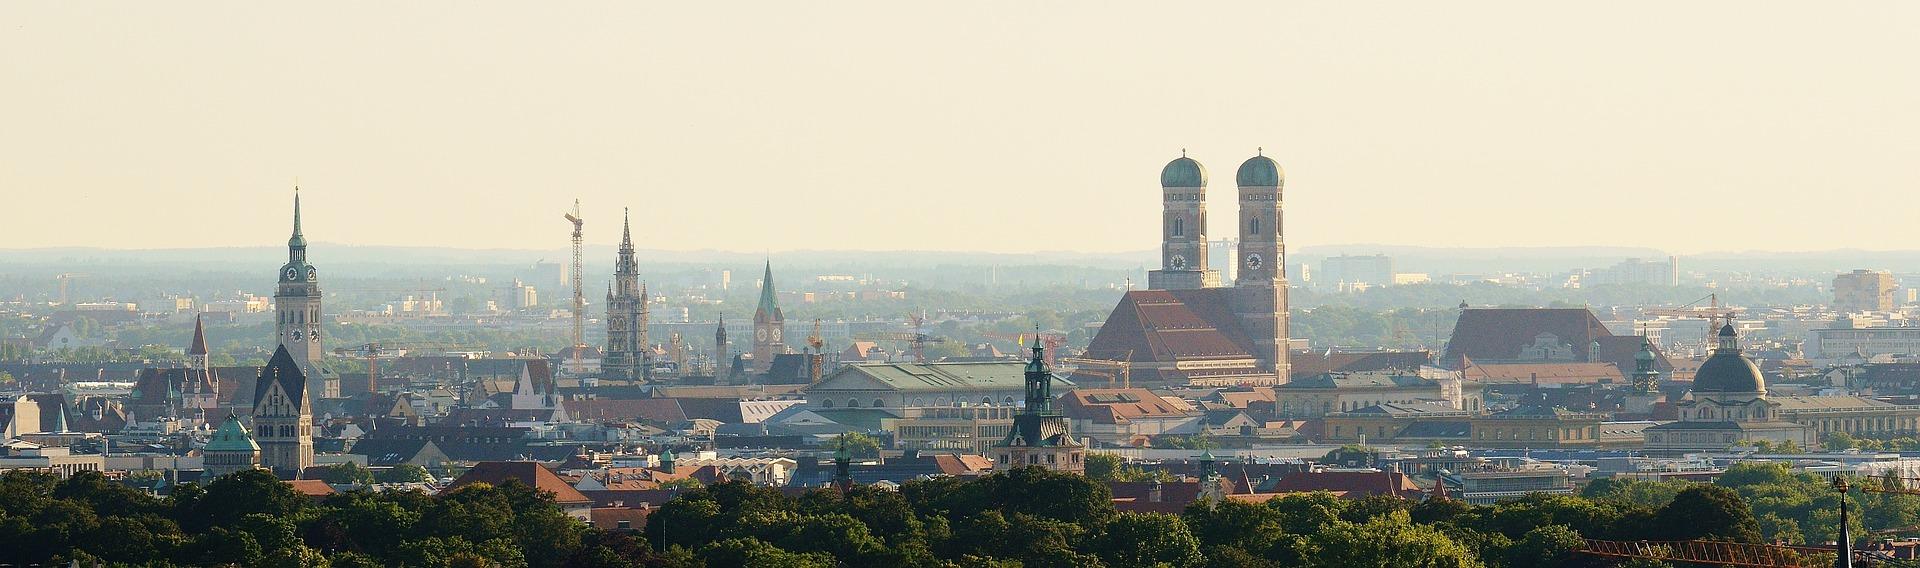 Region München Frauenkirche